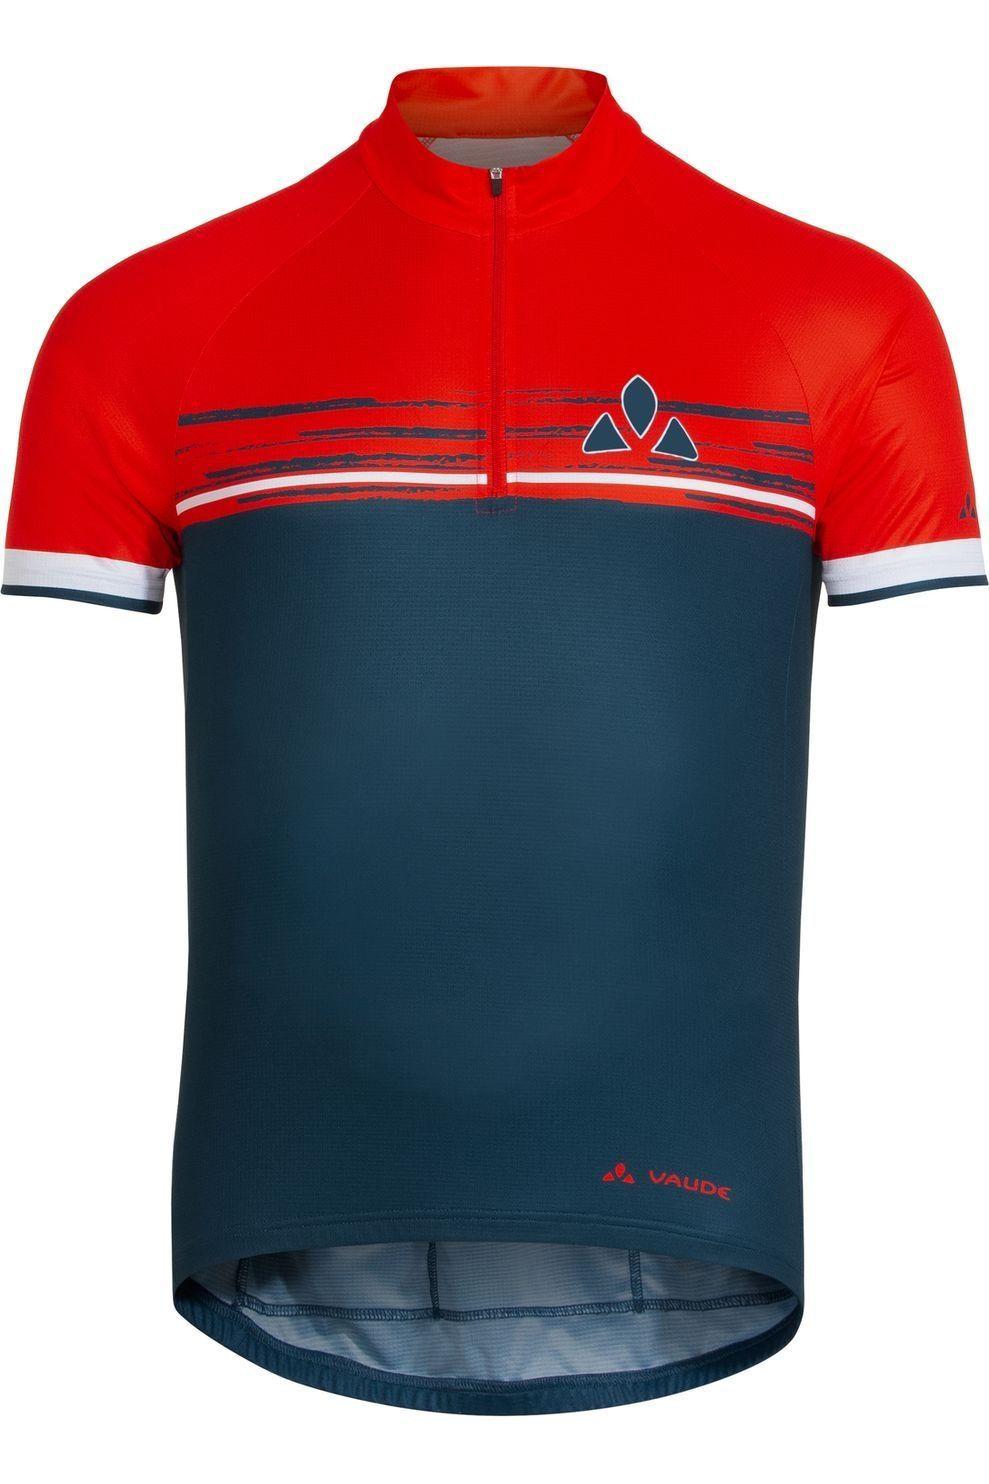 VAUDE T-Shirt Mitus voor heren - Blauw/Rood - Maten: M, L, XL, XXL